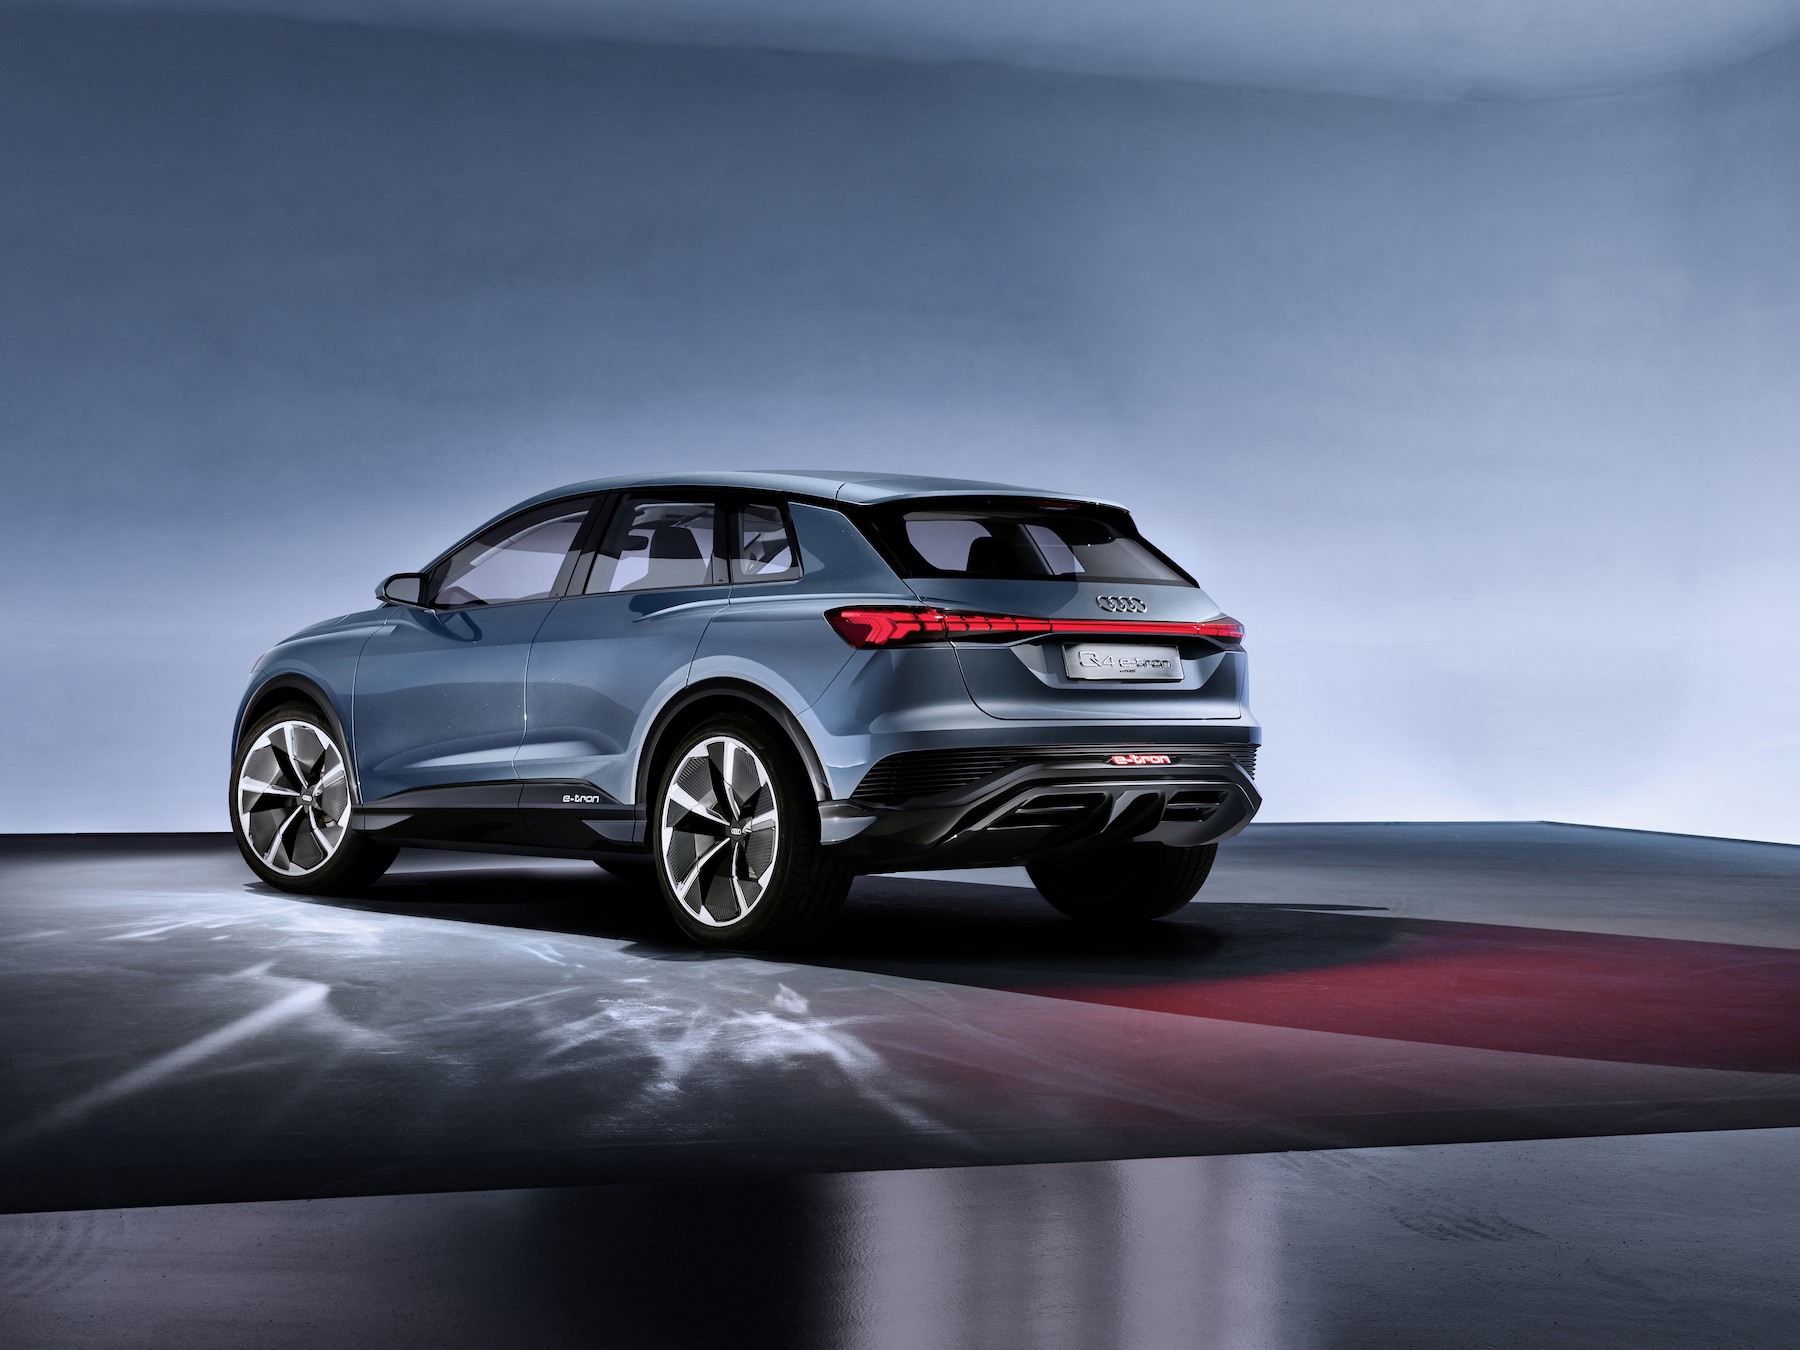 L'Audi Q4 e-tron concept è dotato di un motore elettrico per ogni asse. (AUDI)